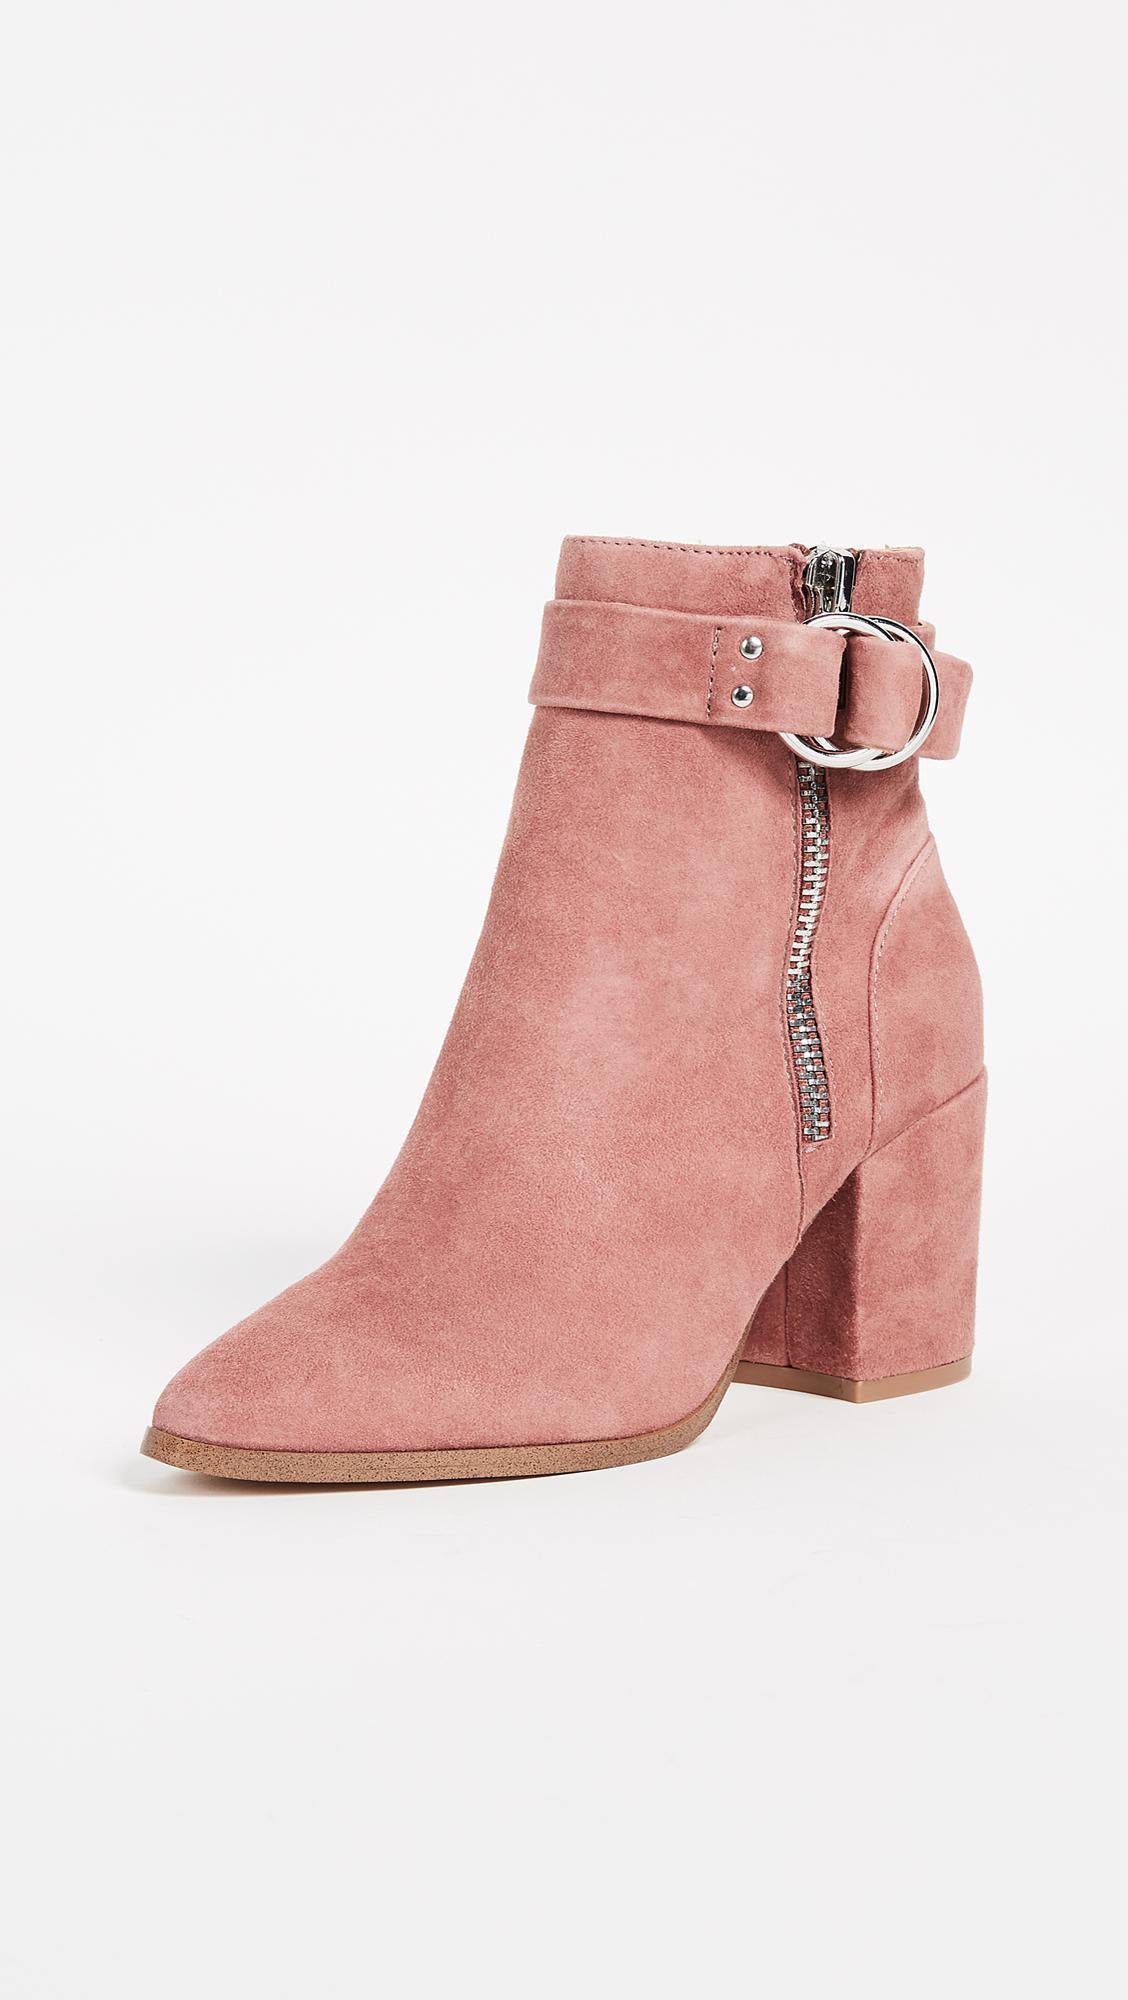 c32864925306 Steven steve madden block heel ankle boots in pink lyst jpg 1128x2000 Steve  madden chunky heel